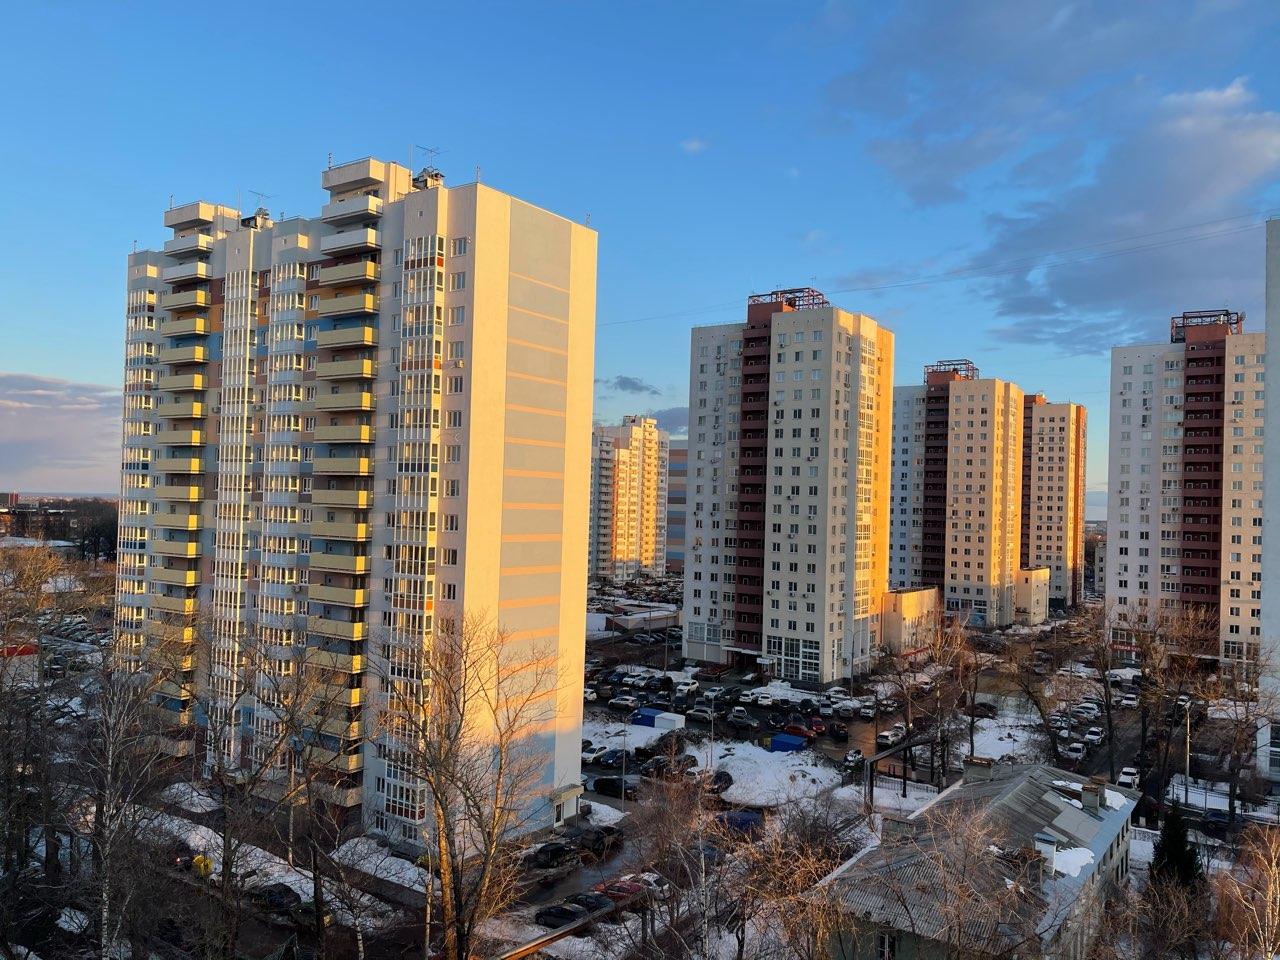 Взгляд из кремля: замминистра строительства Нижегородской области рассказал об итогах 2020 года и планах на 2021  - фото 1